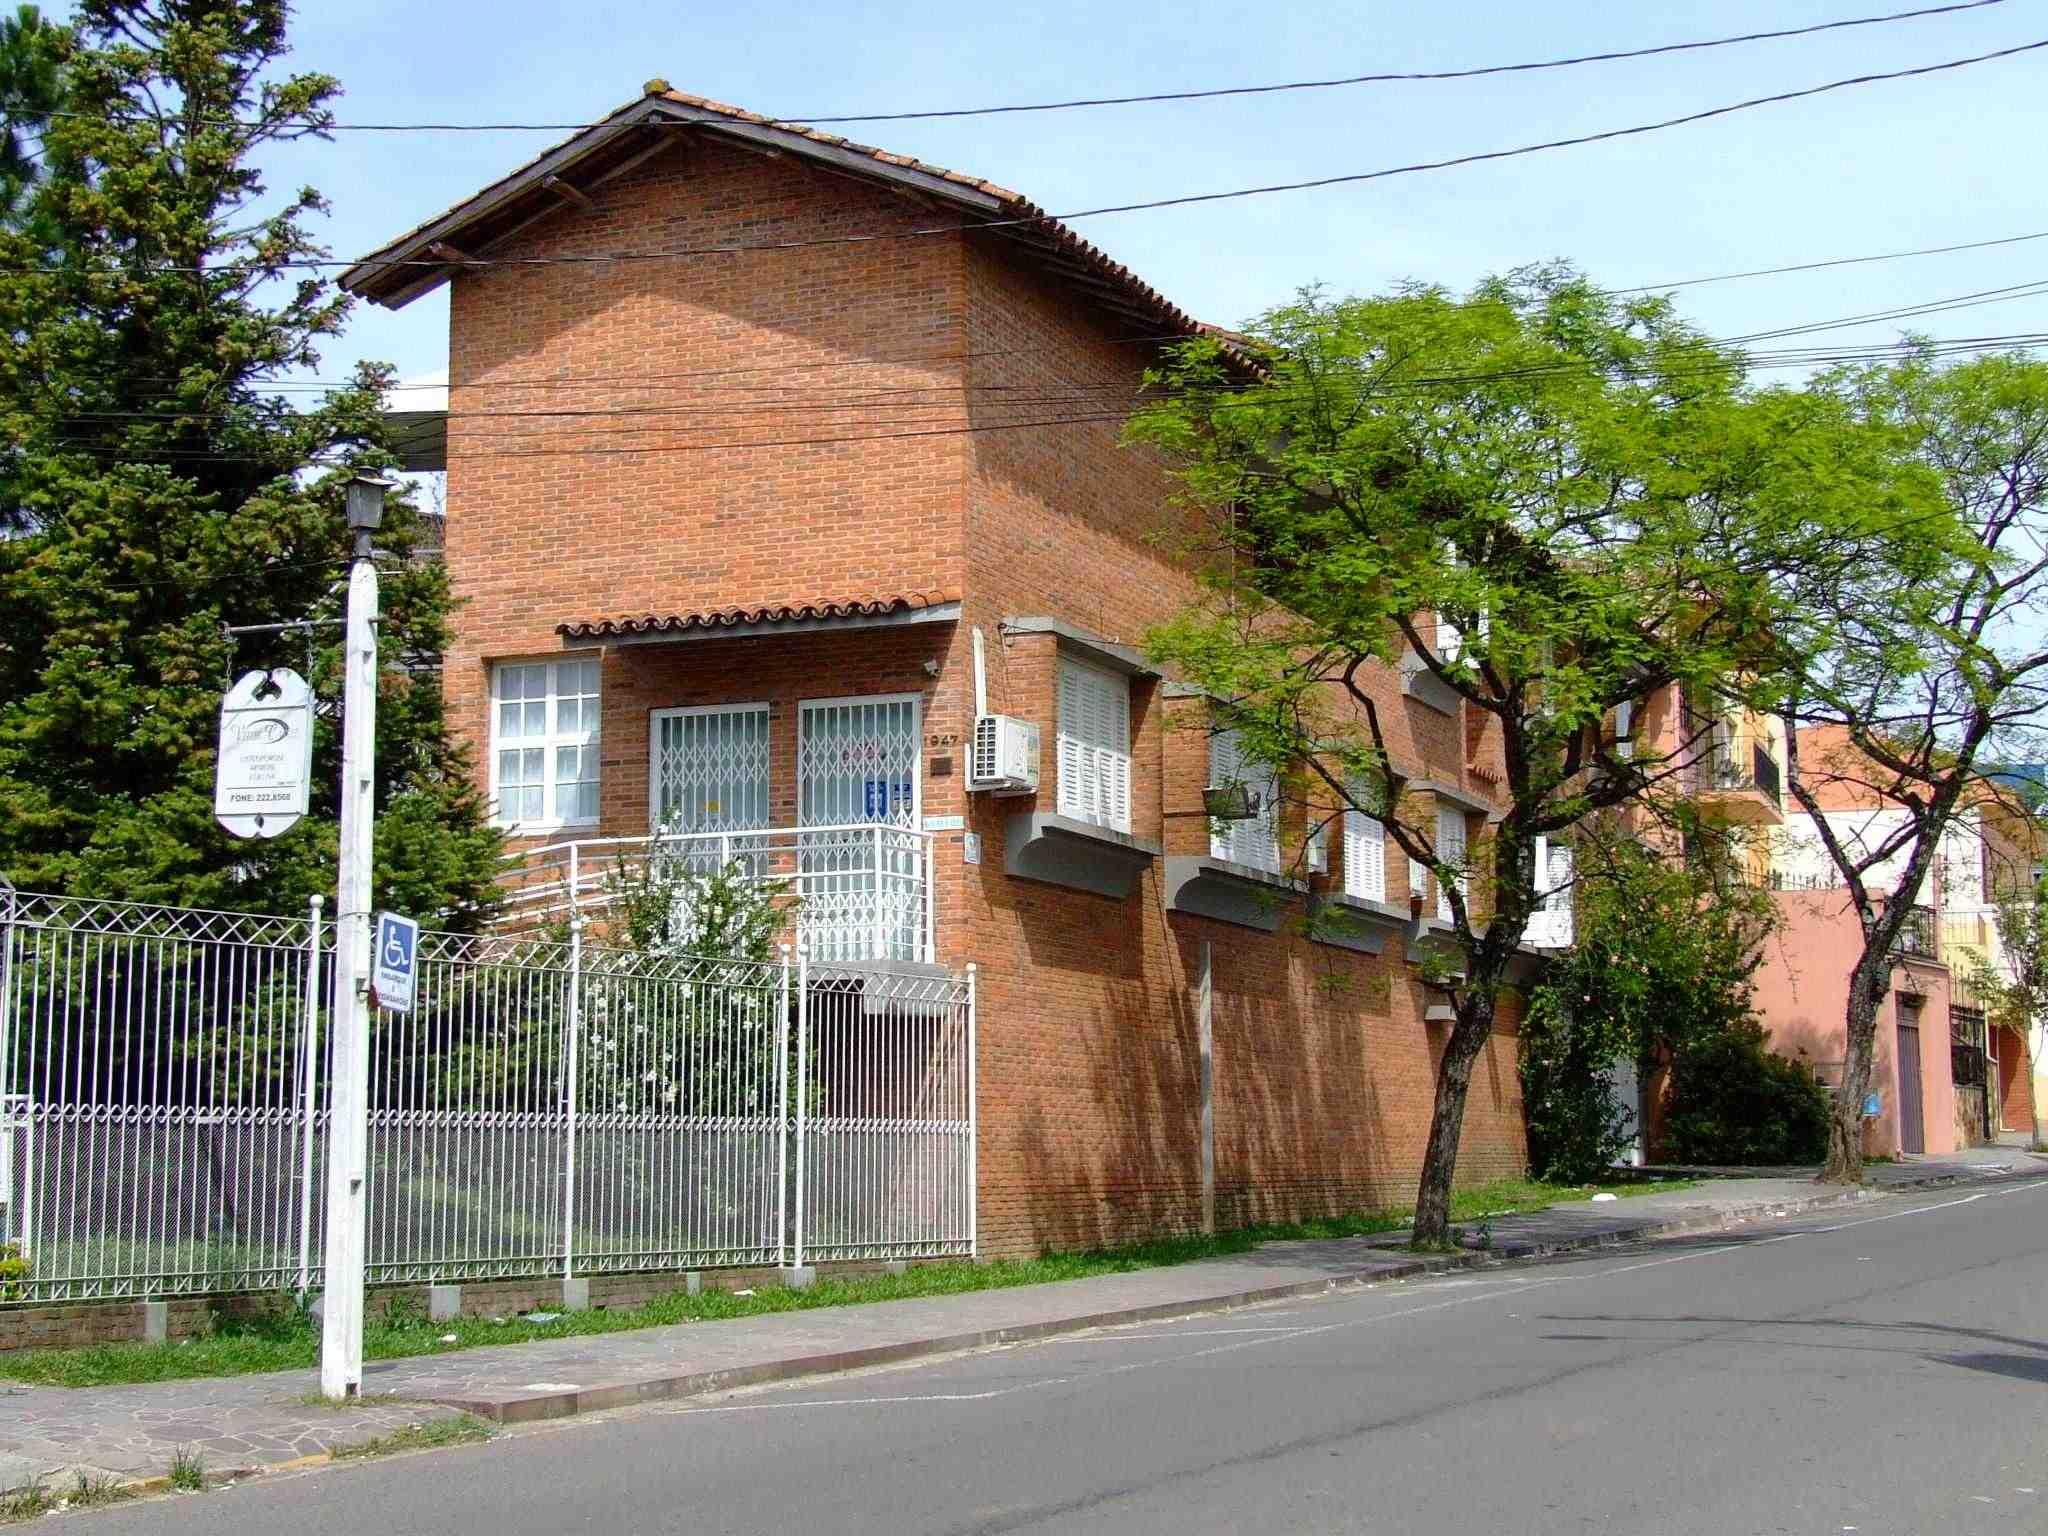 projeto 2 residência de amigos bairro nossa senhora de lourdes #2E789D 2048 1536